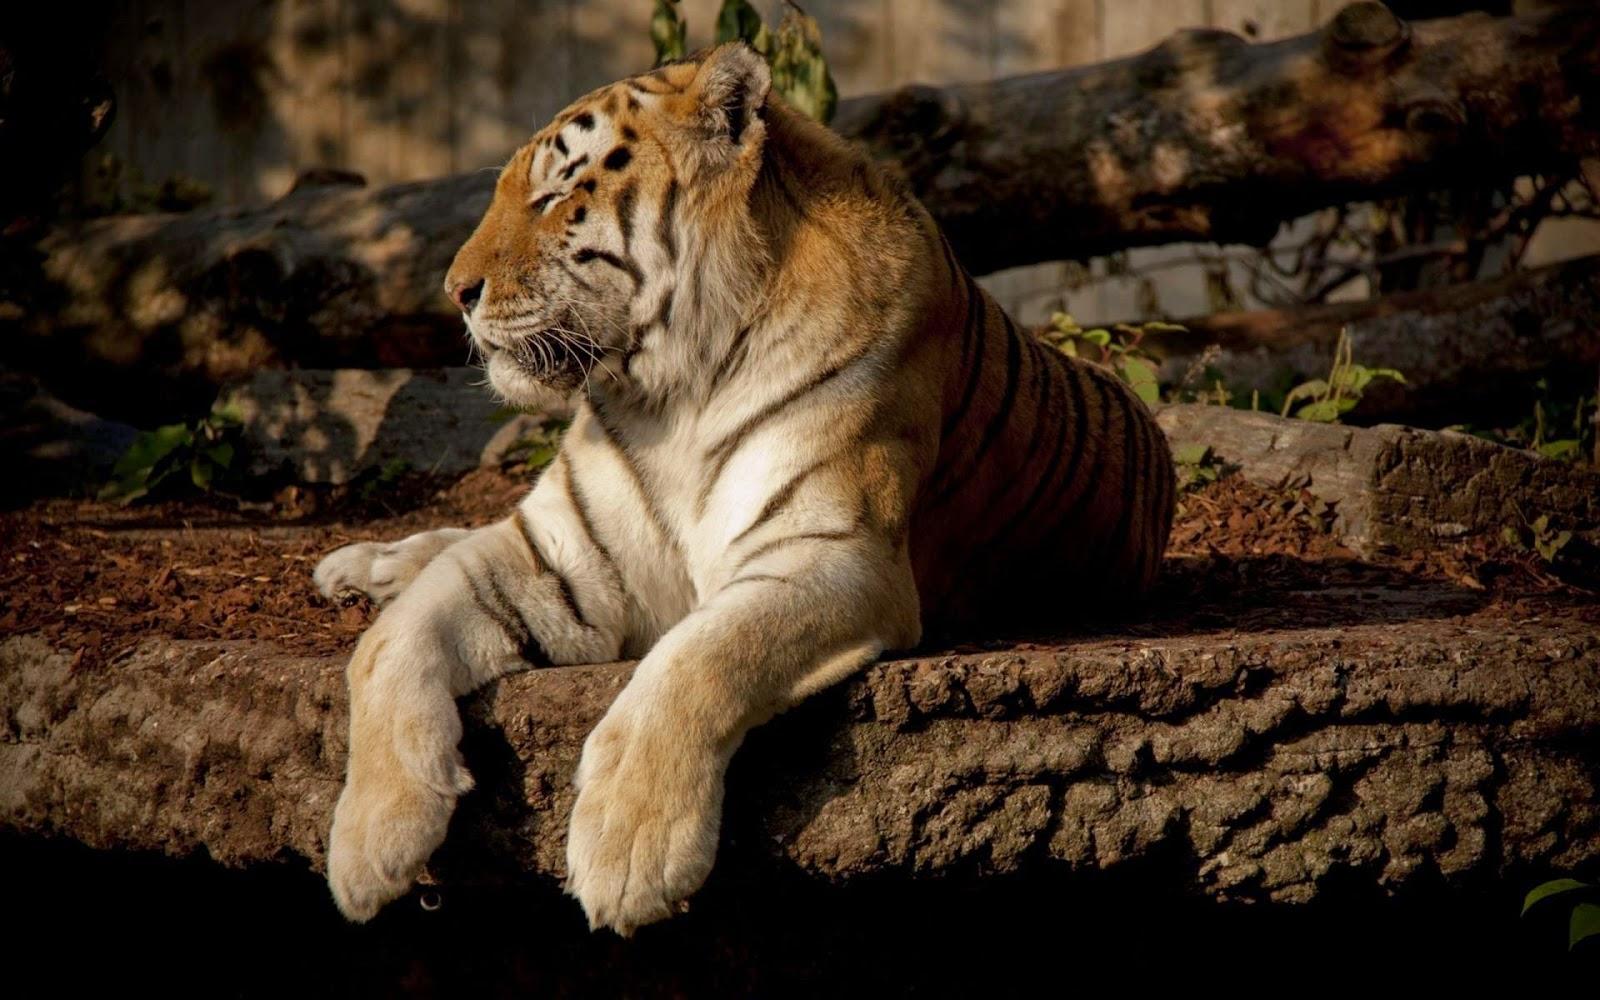 HD Tiger